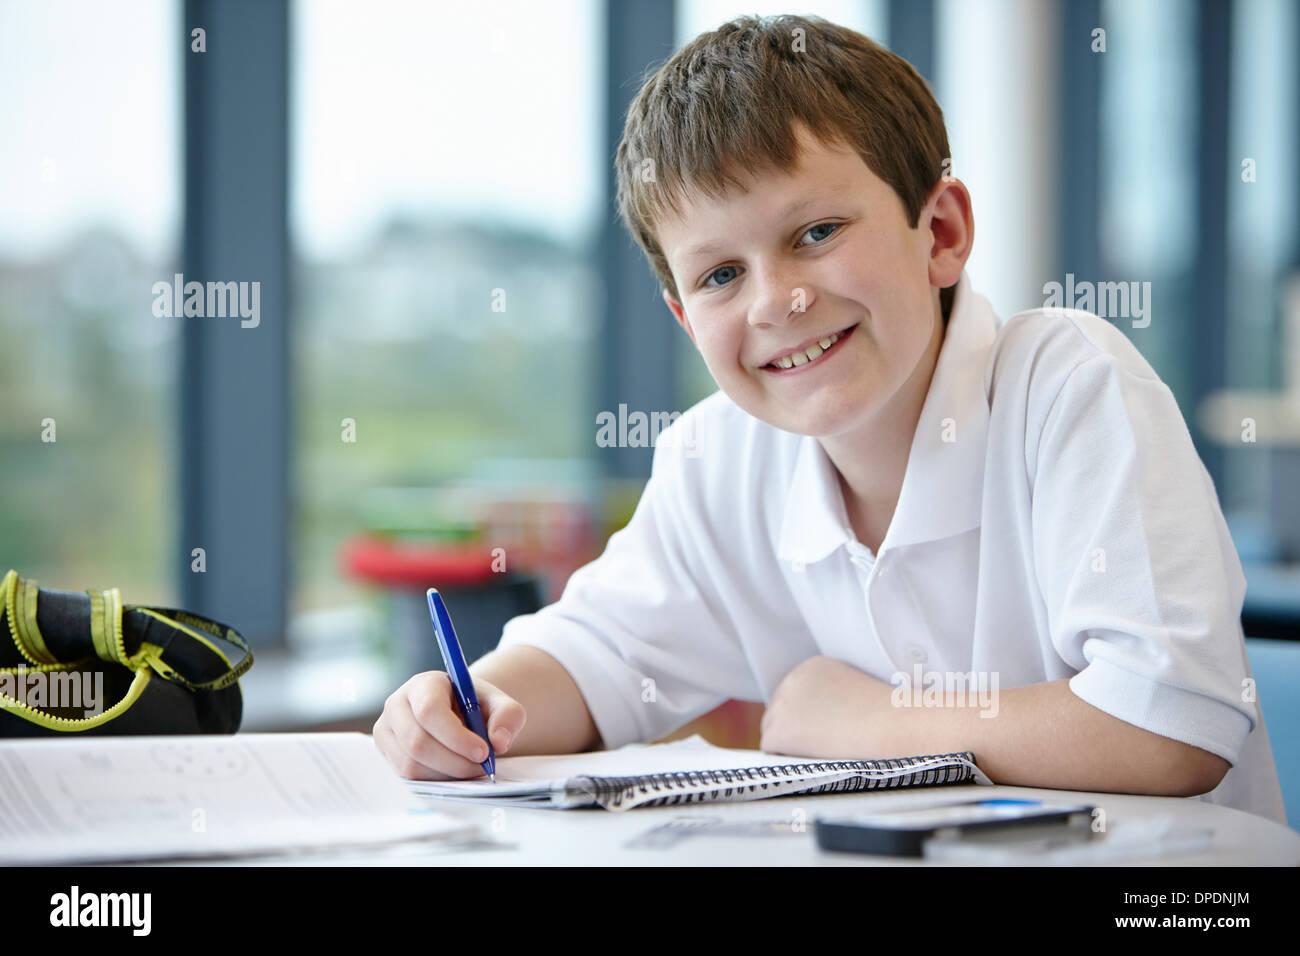 Porträt der Schüler in der Klasse schreiben Stockbild